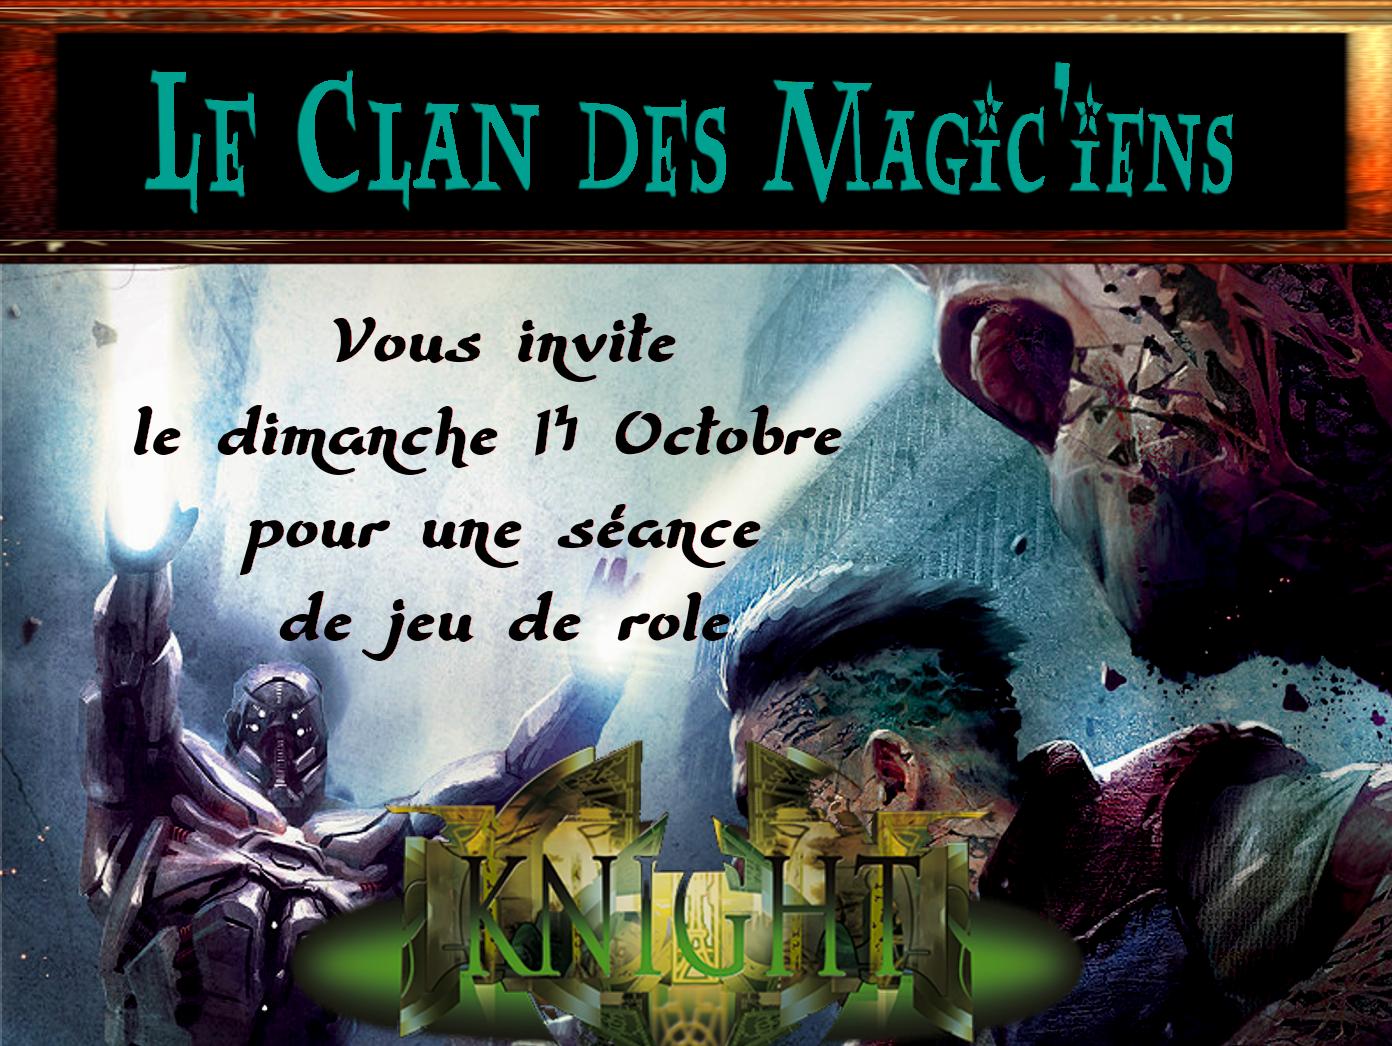 Dimanche 14 Octobre : Jeu de rôle (Knight) à partir de 14 h KrLDp